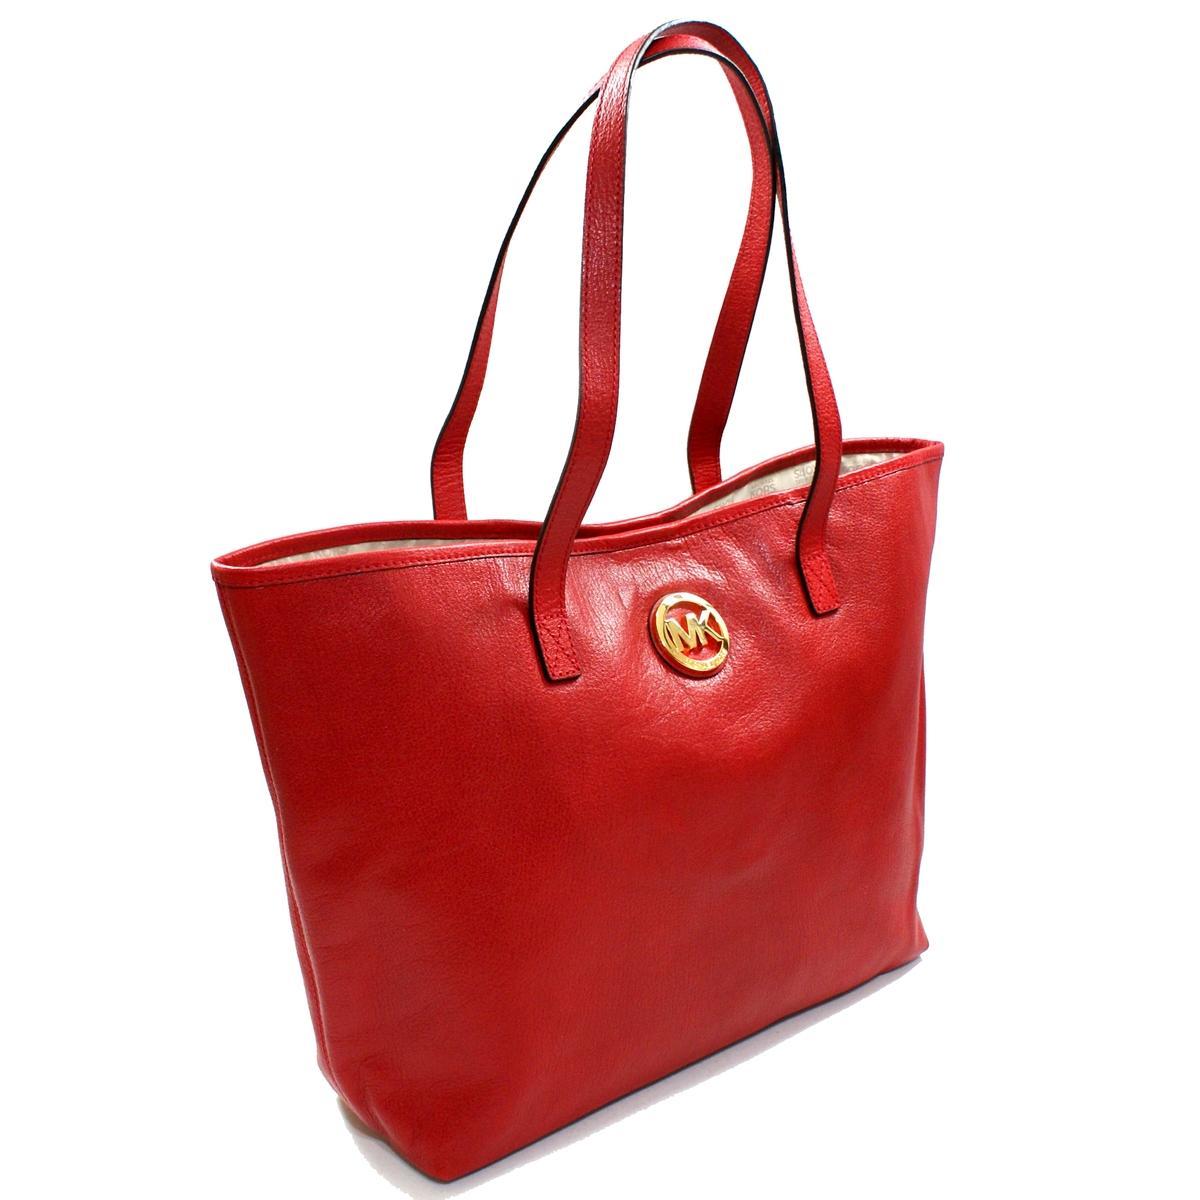 Michael kors bags in dubai - Found In Handbags